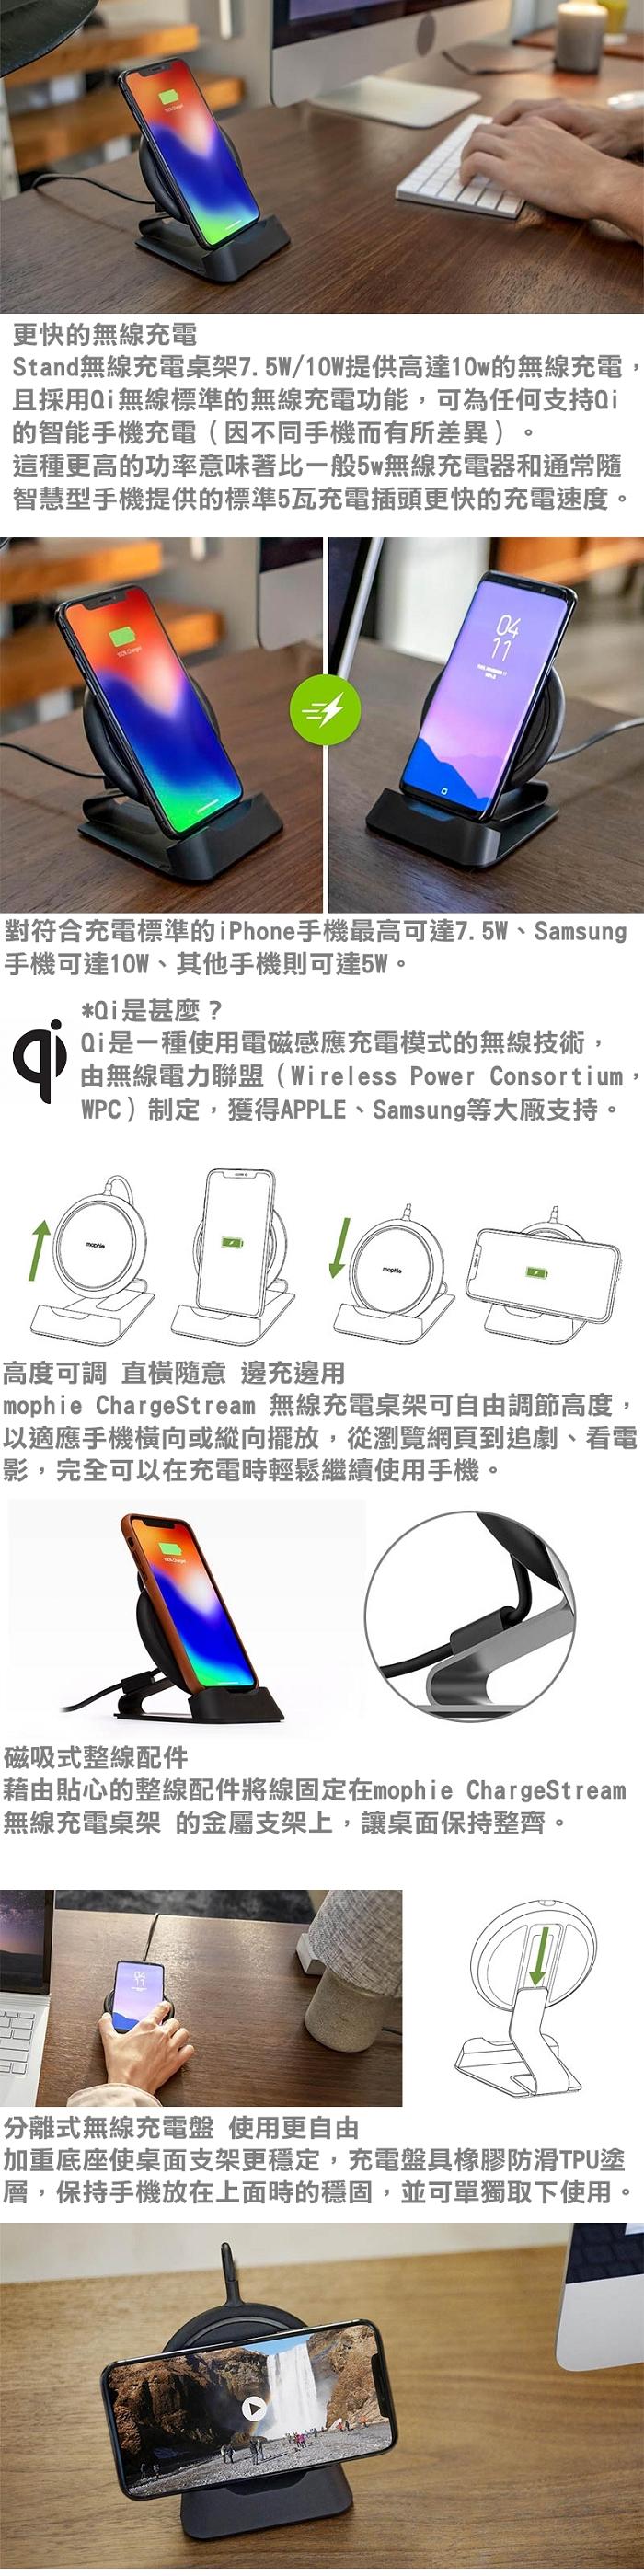 (複製)mophie │Charge Stream pad+ 7.5W/10W無線充電板 ( 代理商公司貨)